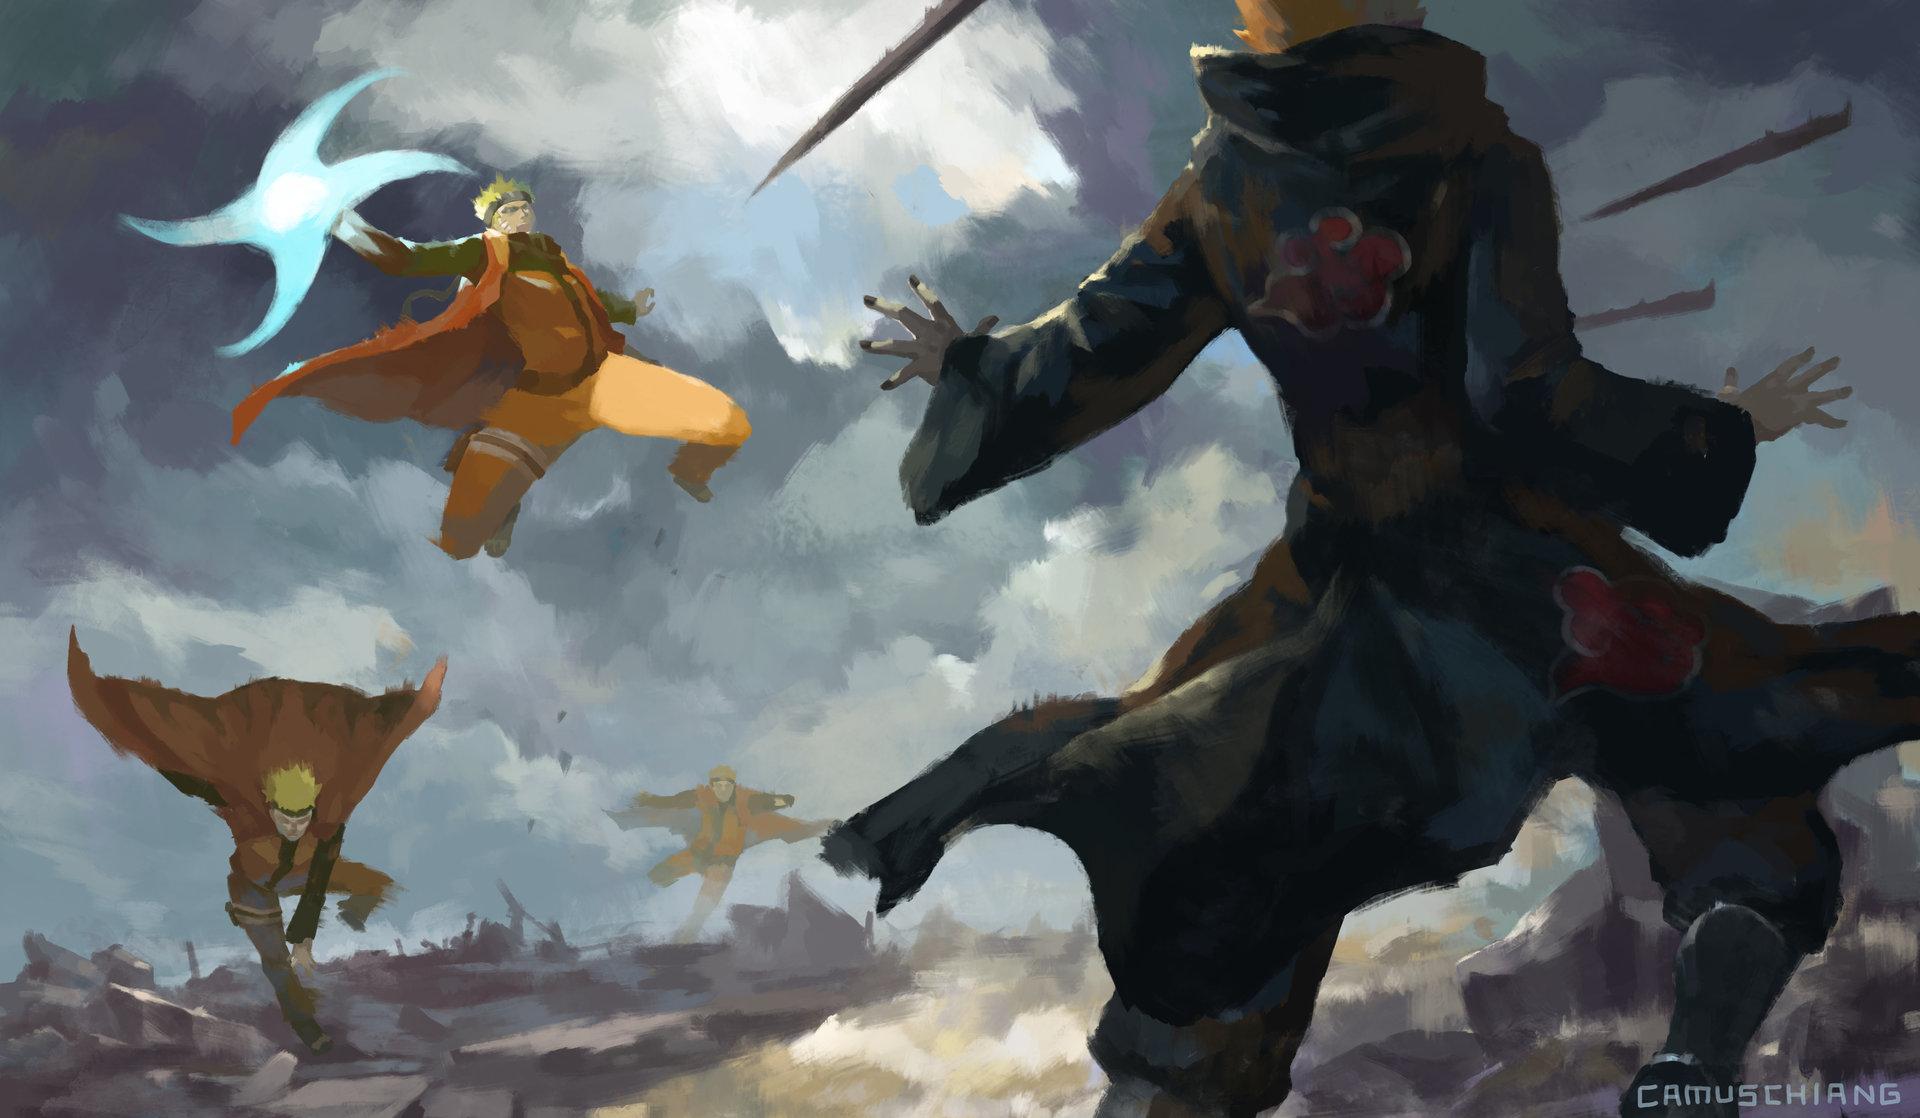 Naruto Nine Tails Wallpaper Hd Artstation Naruto Vs Pain Camus Chiang